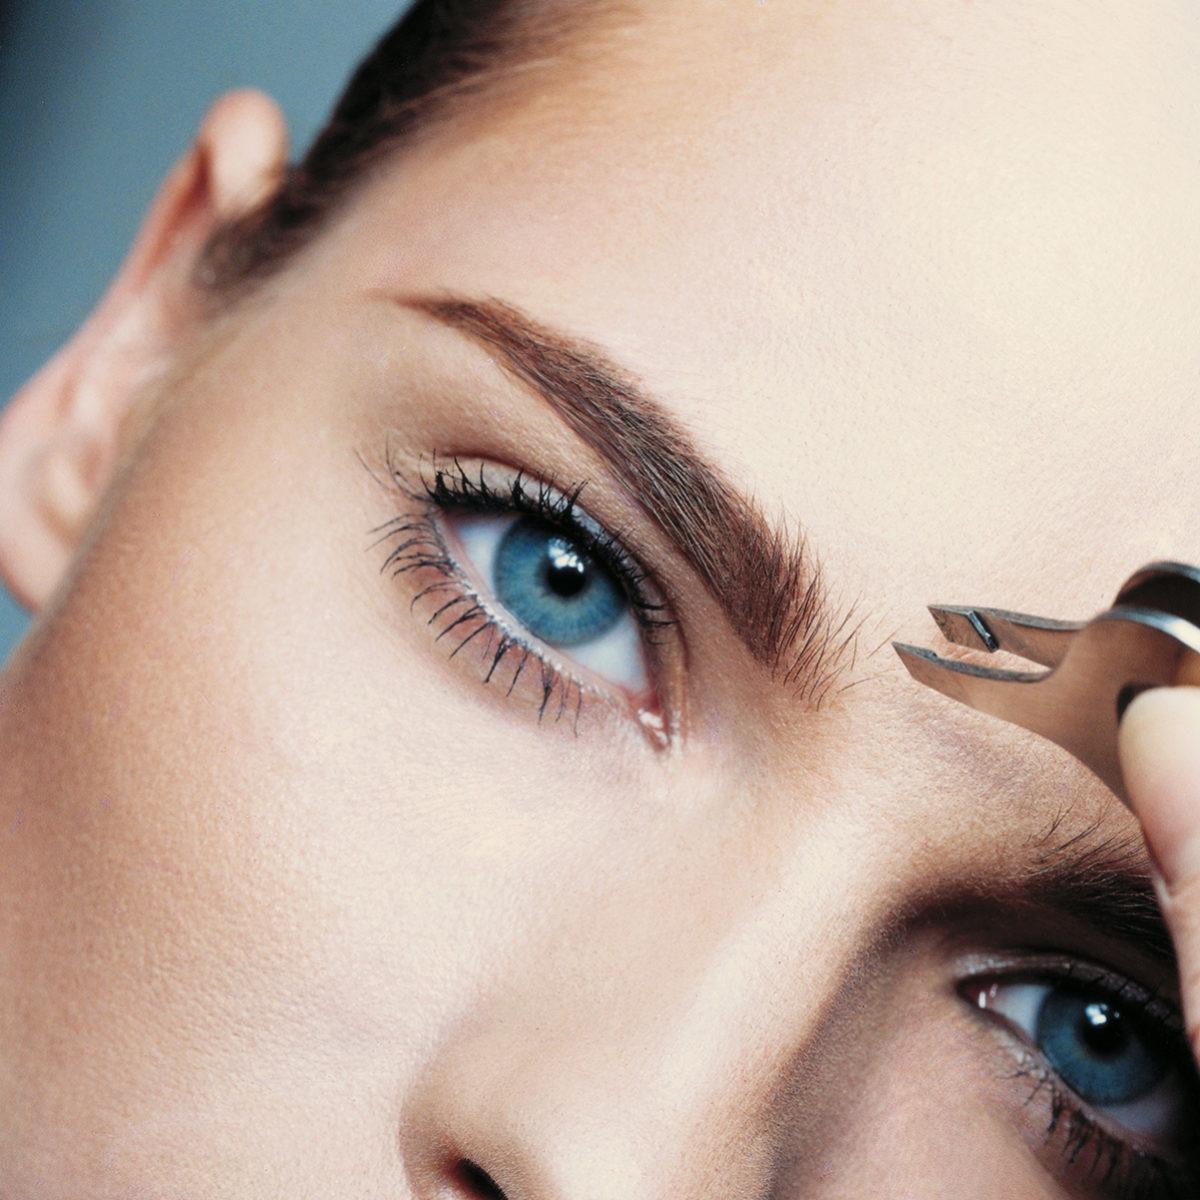 La excesiva depilación puede provocar alopecia.